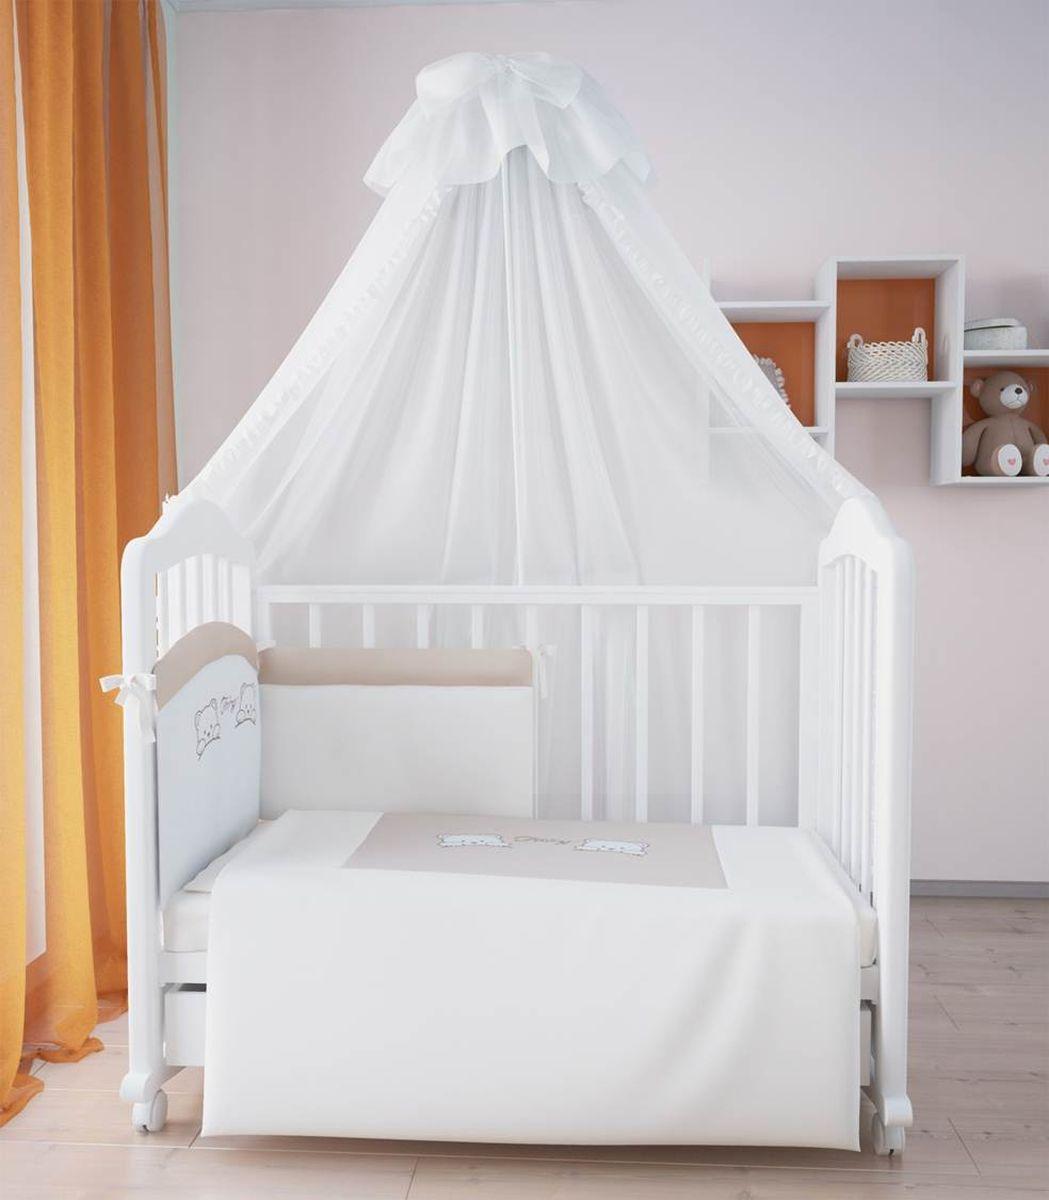 Fairy (ВПК) Fairy Комплект белья для новорожденных цвет бежевый коричневый 7 предметов 5585-01